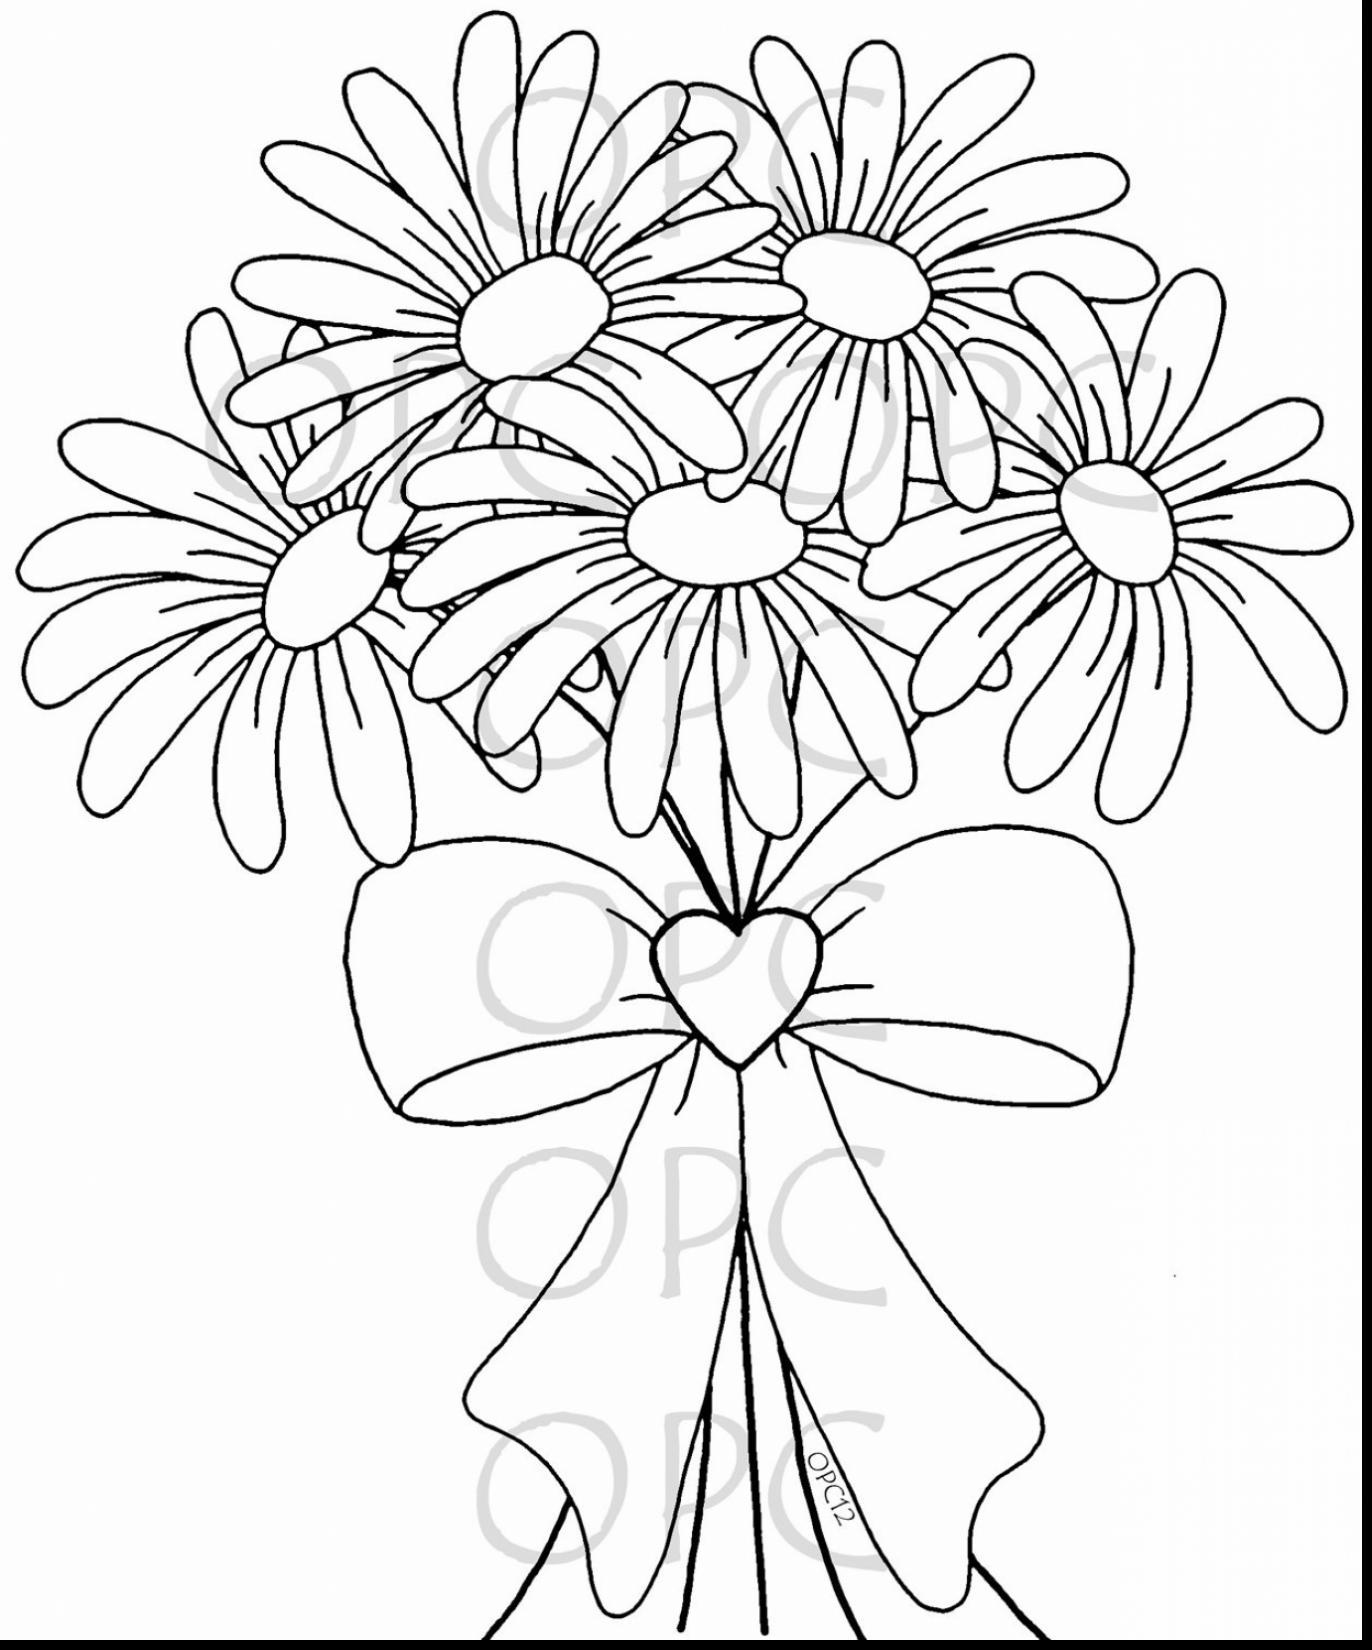 Gerber Daisy Drawing at GetDrawings